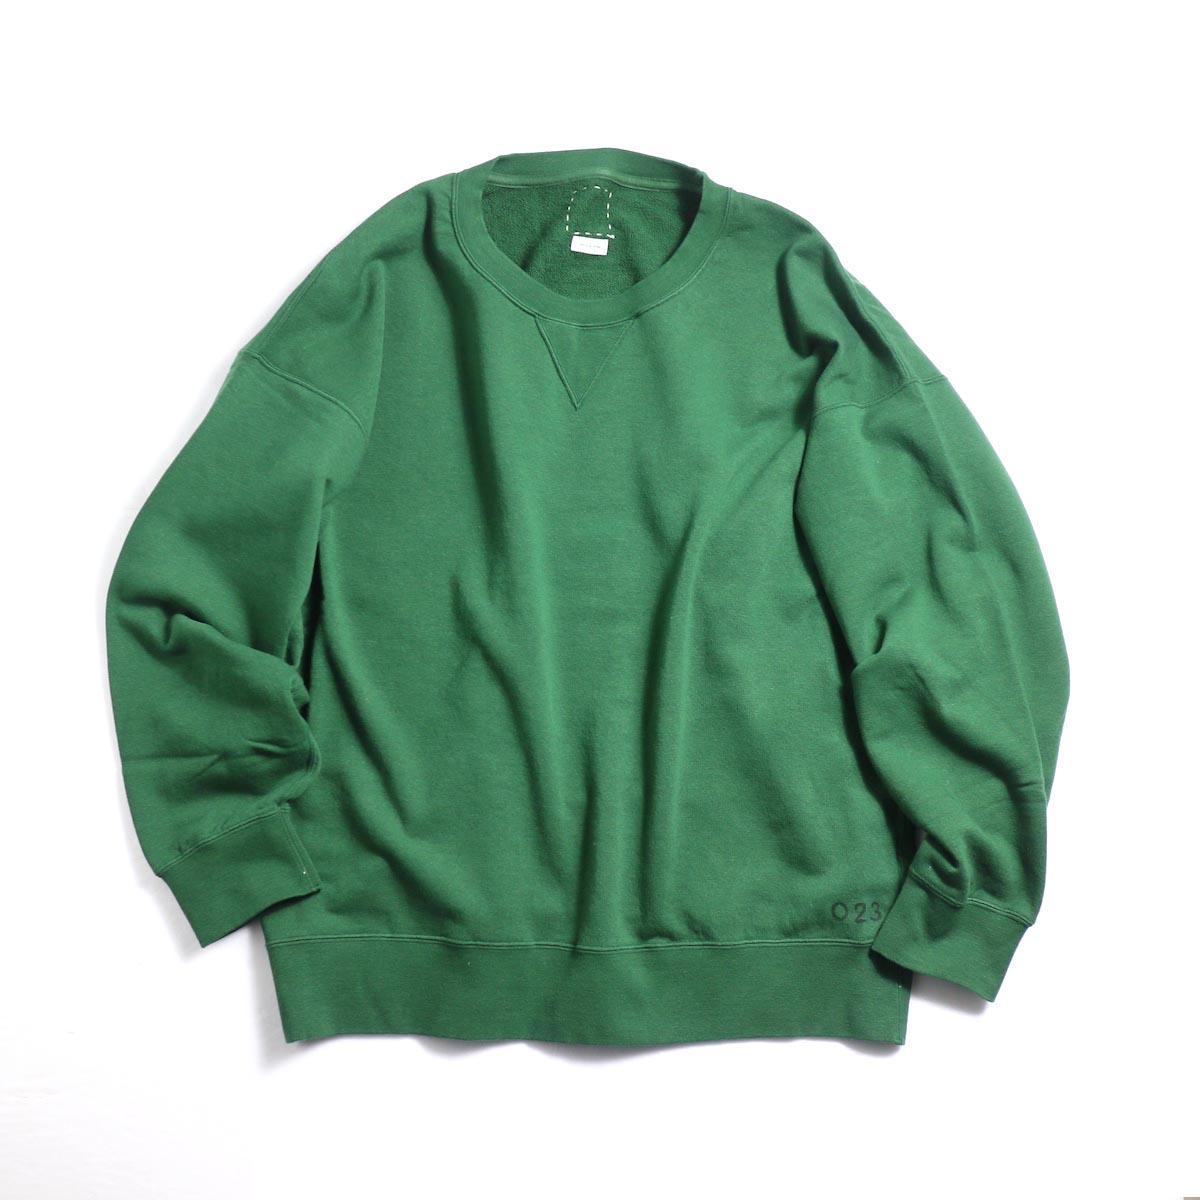 visvim / JUMBO SWEAT L/S (HAND NUMBERING) -Green